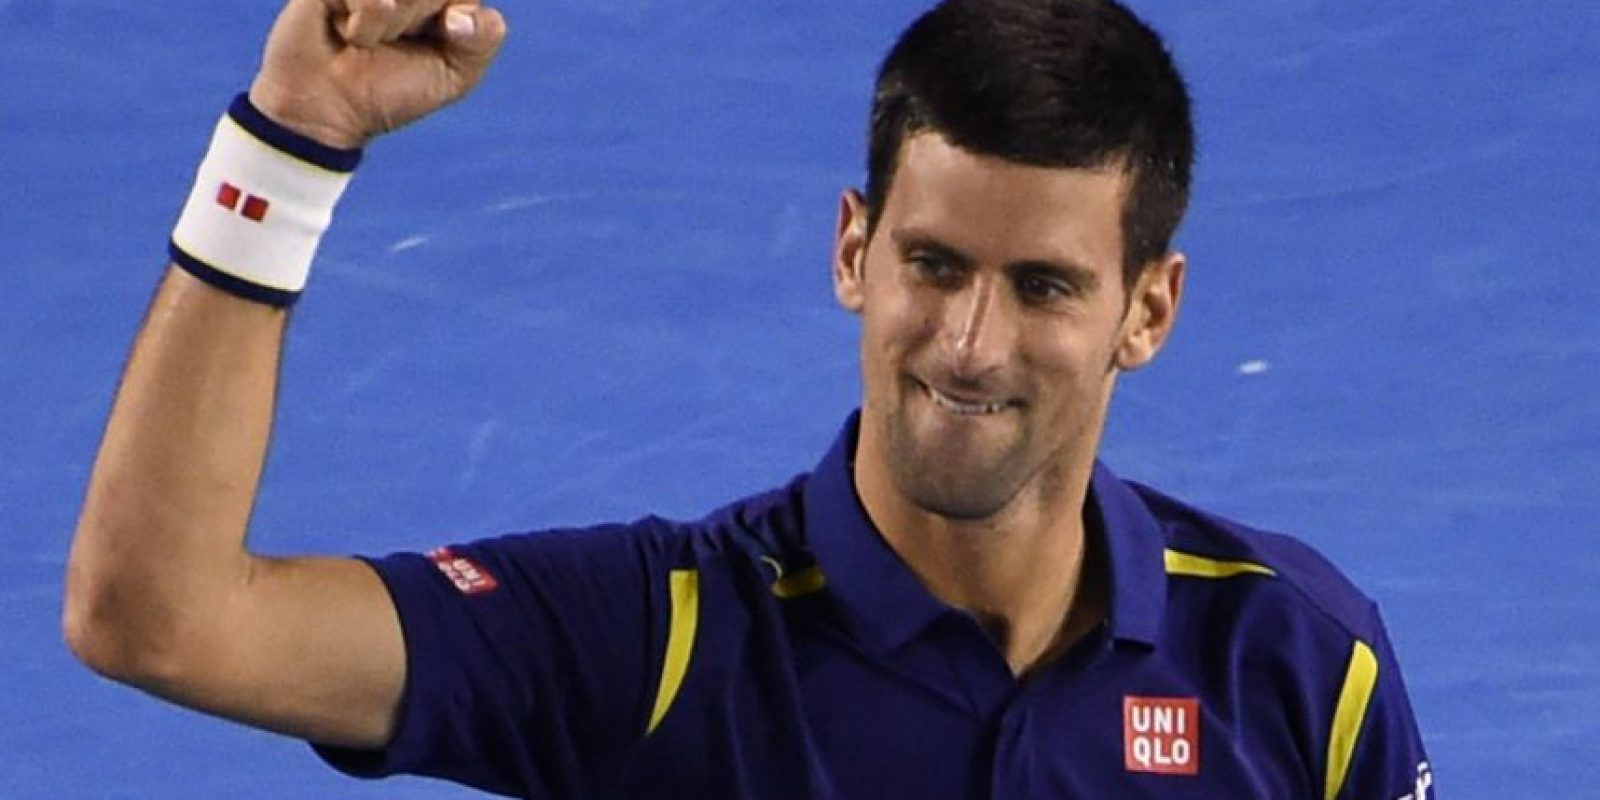 El tenista serbio alza su brazo en señal de victoria. Foto:AFP